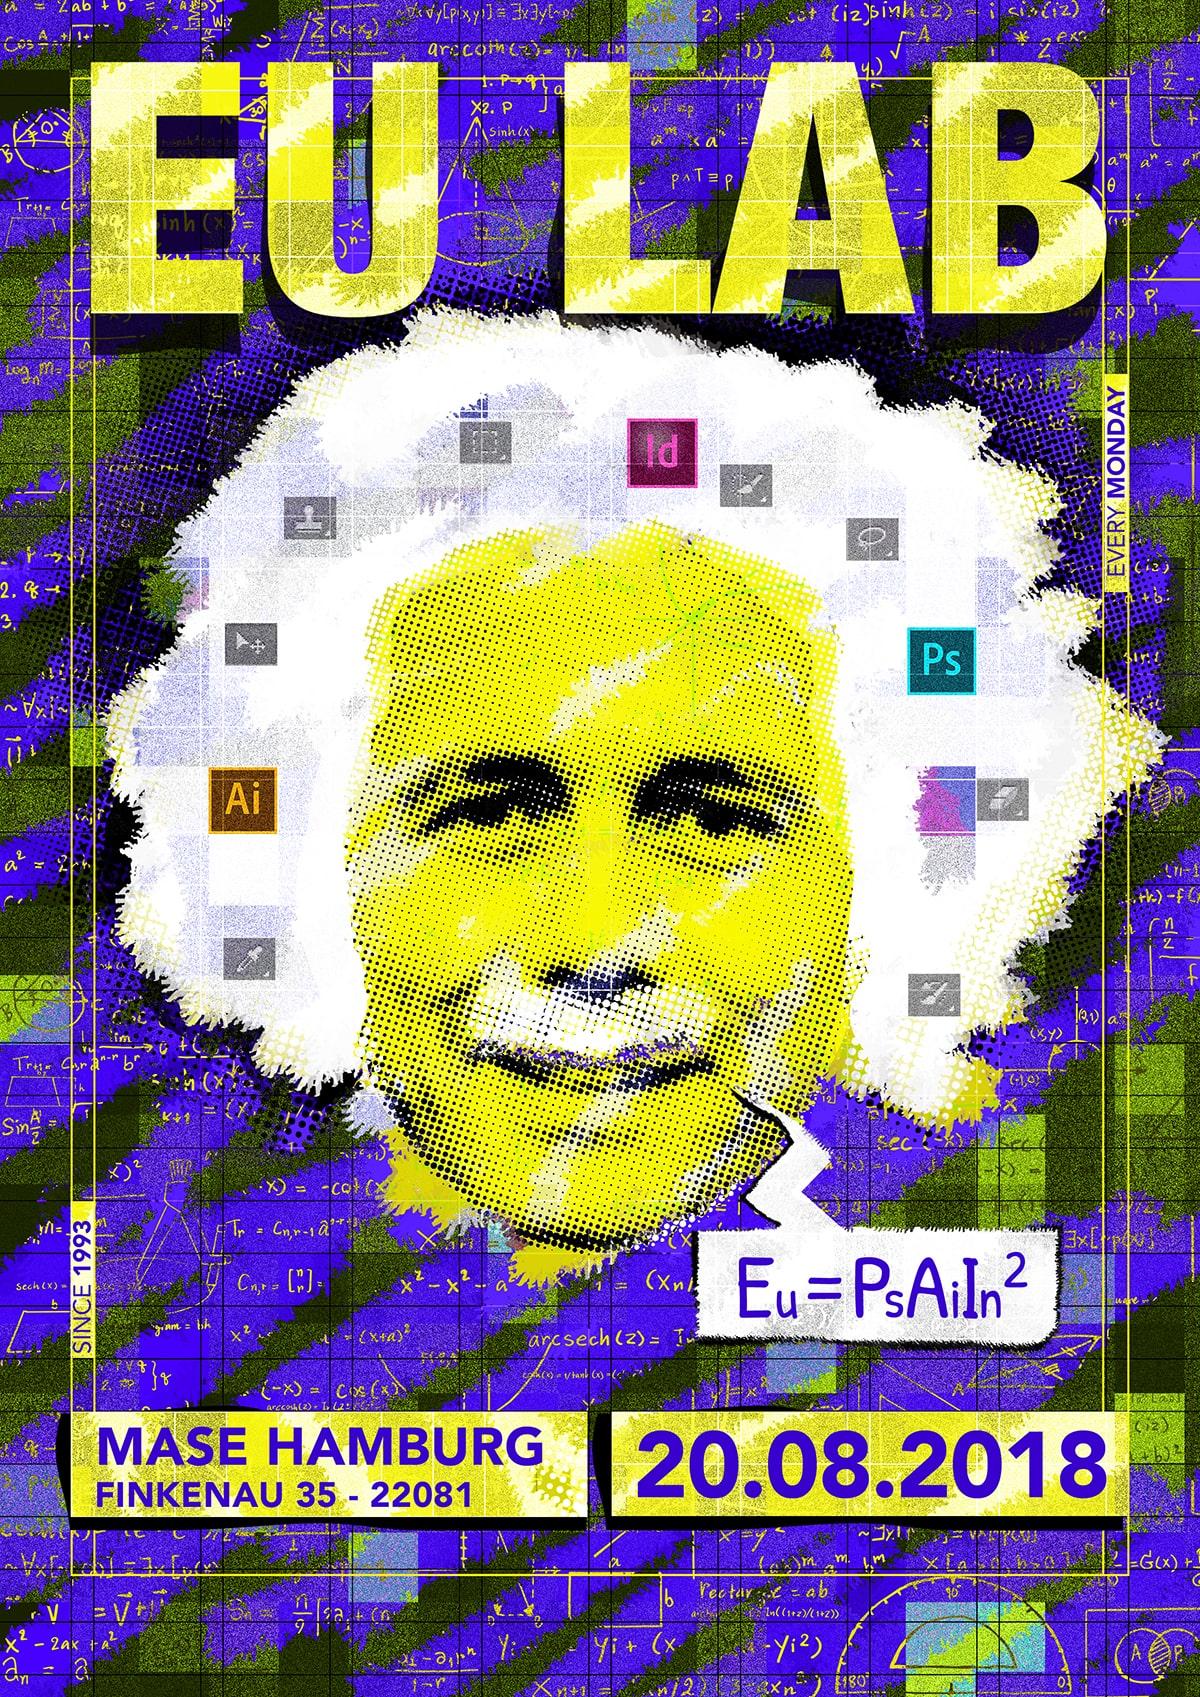 poster_photoshopillustratorindesign_workshop-min